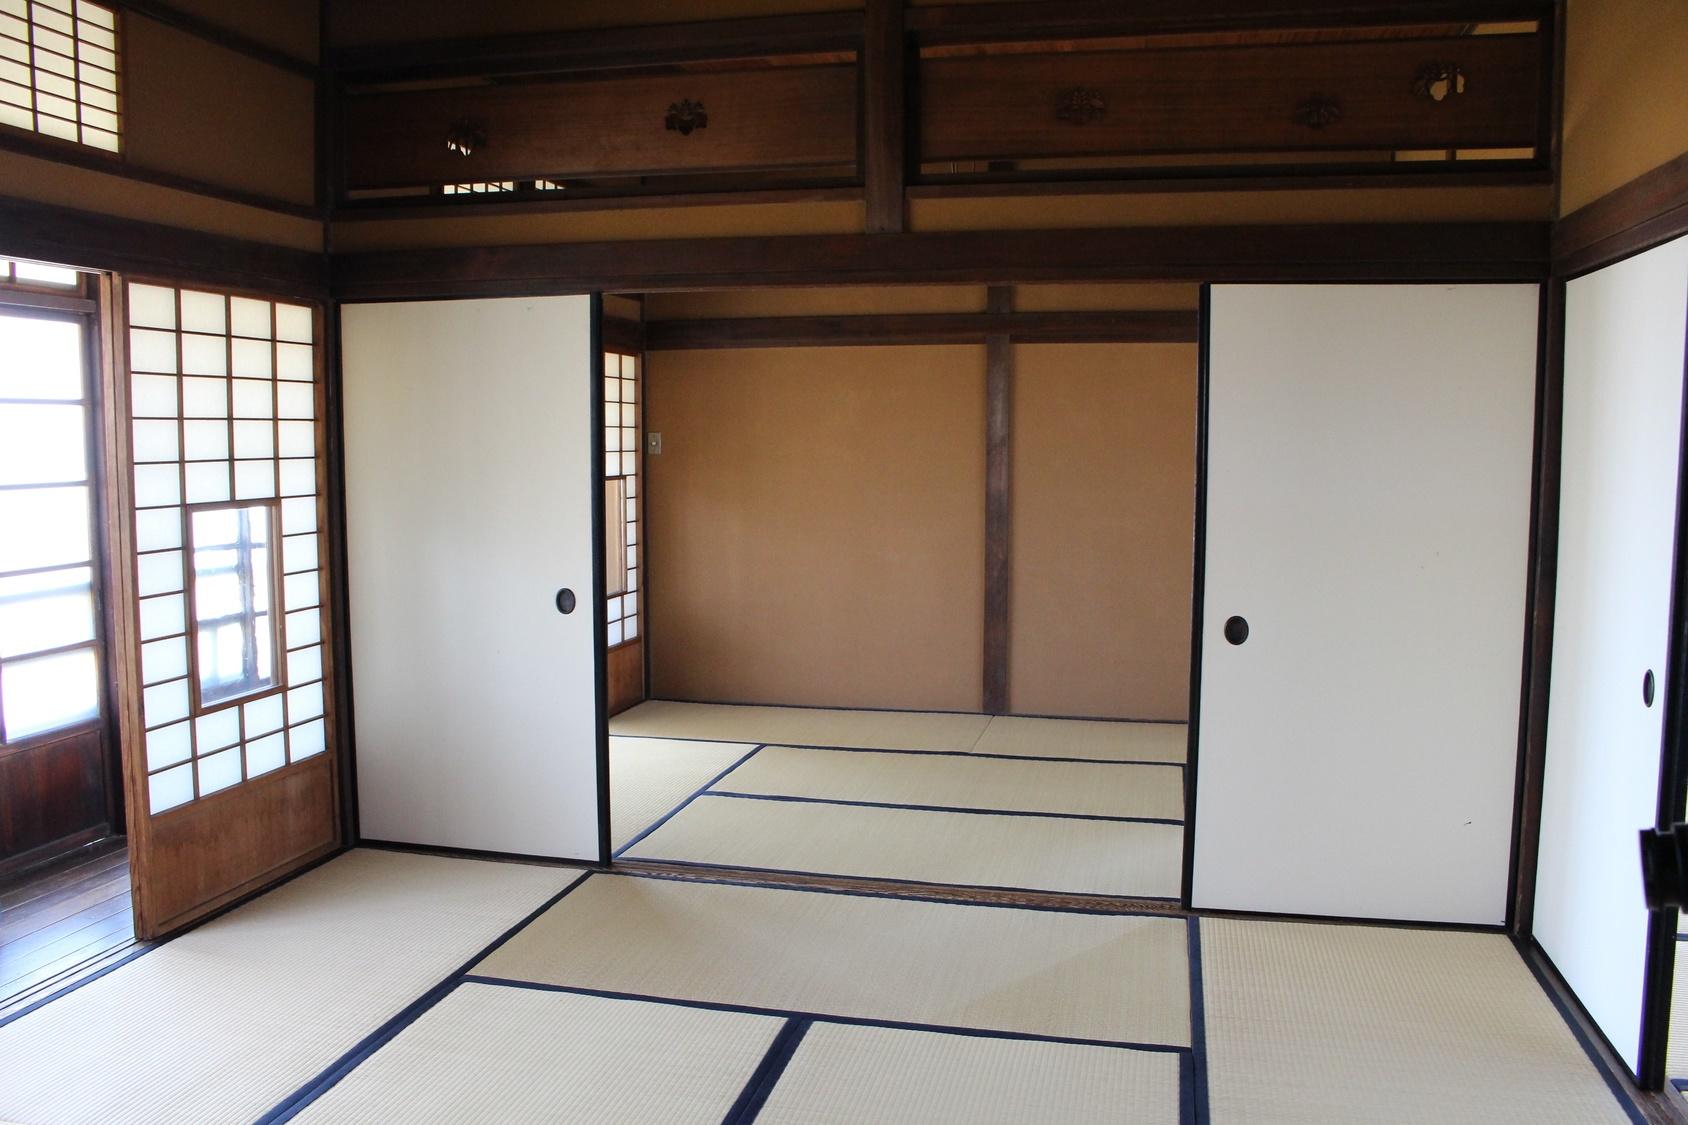 菊池寛おすすめ作品5選!歴史短編からメロドラマ長編まで